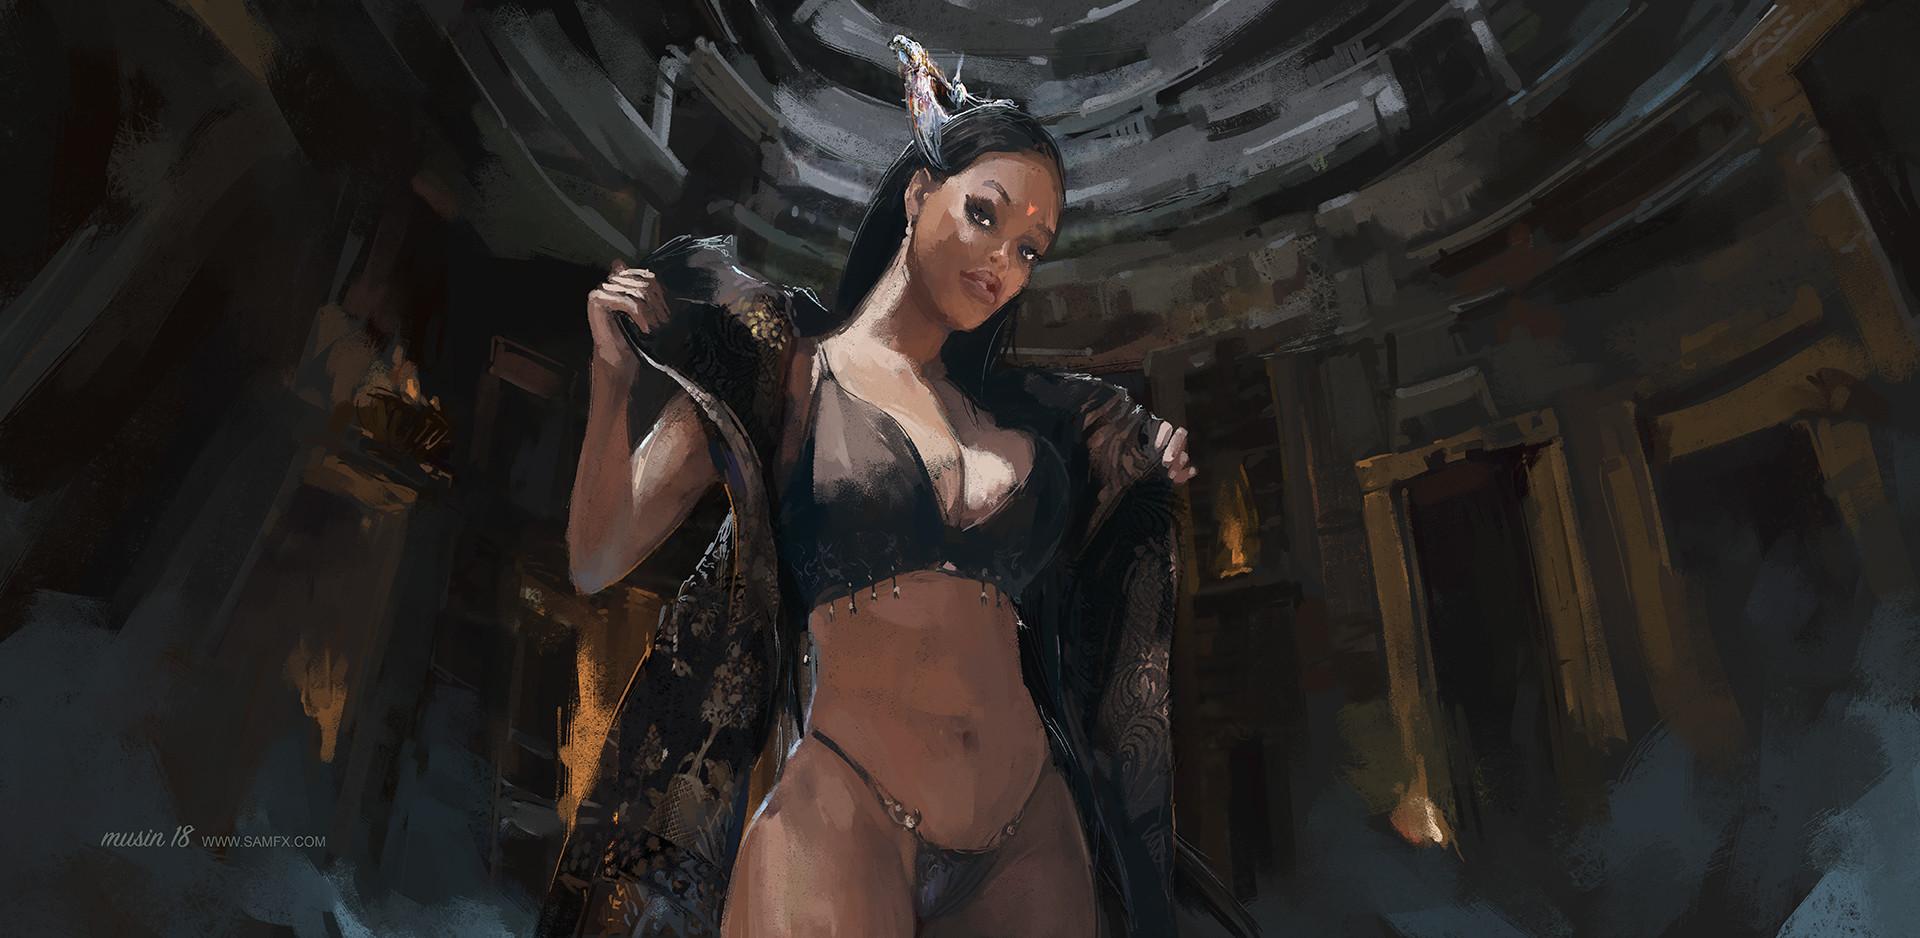 Sergey musin priestess